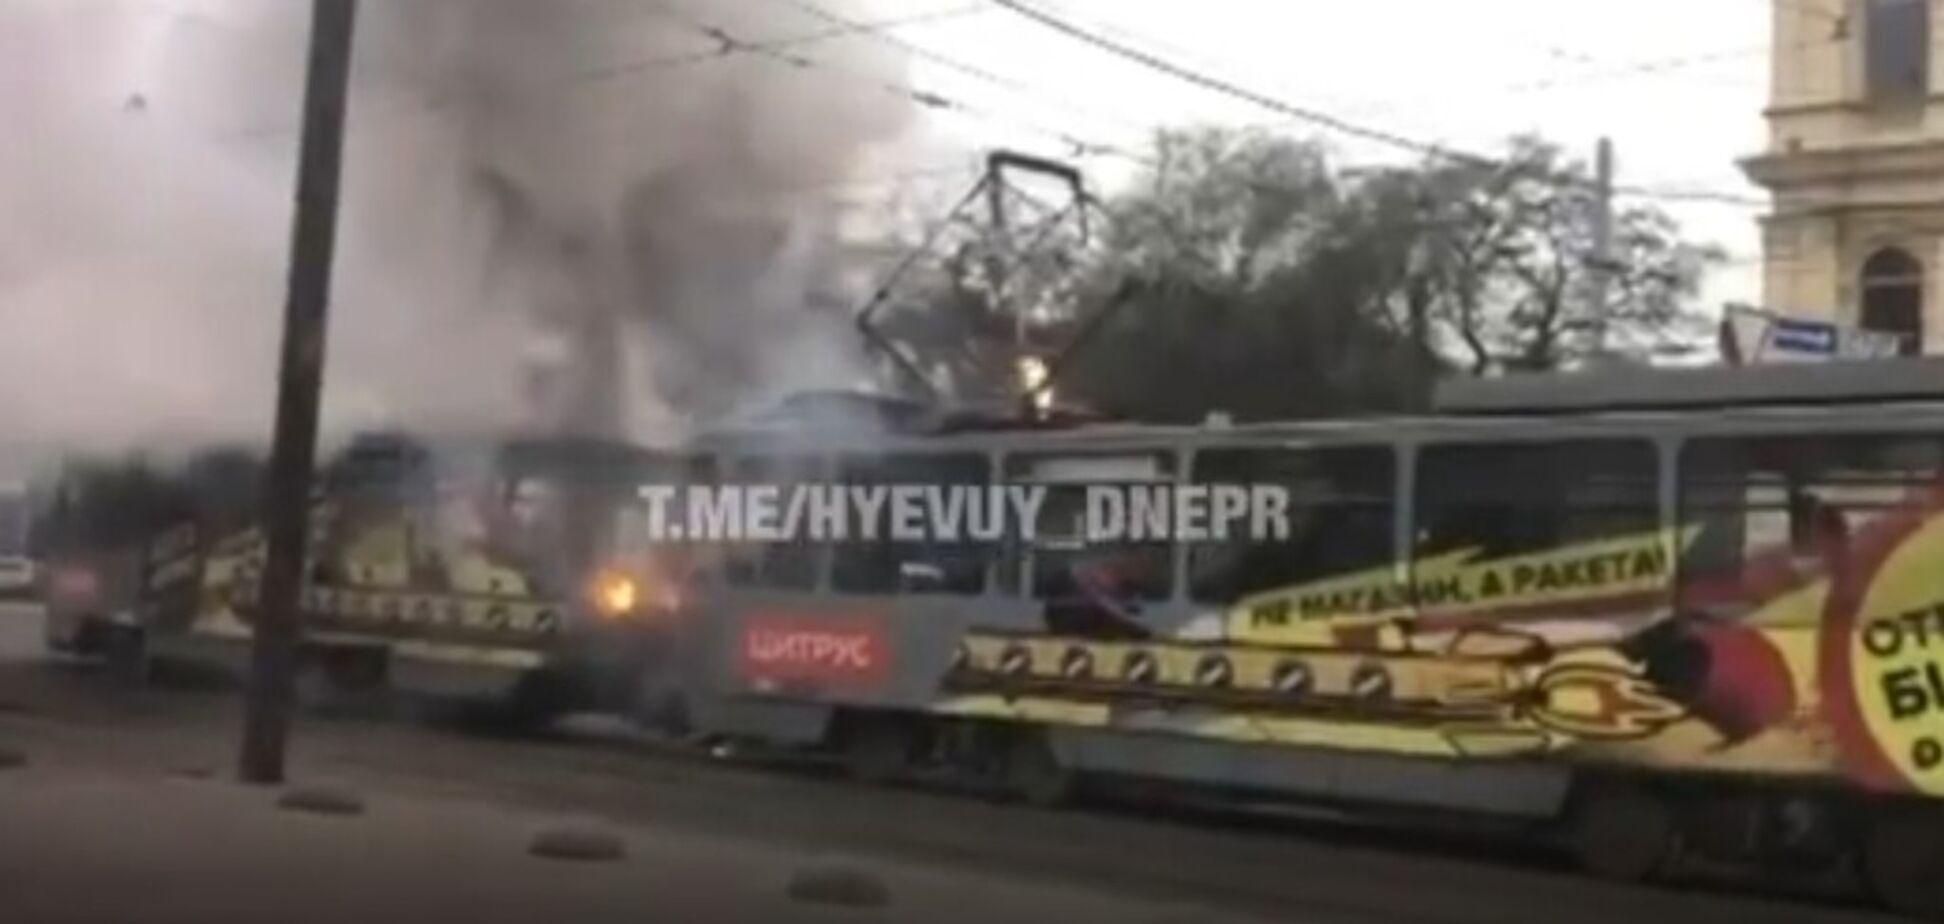 'Вылетели, как пробка из шампанского': в Днепре на ходу загорелся трамвай с пассажирами. Видео